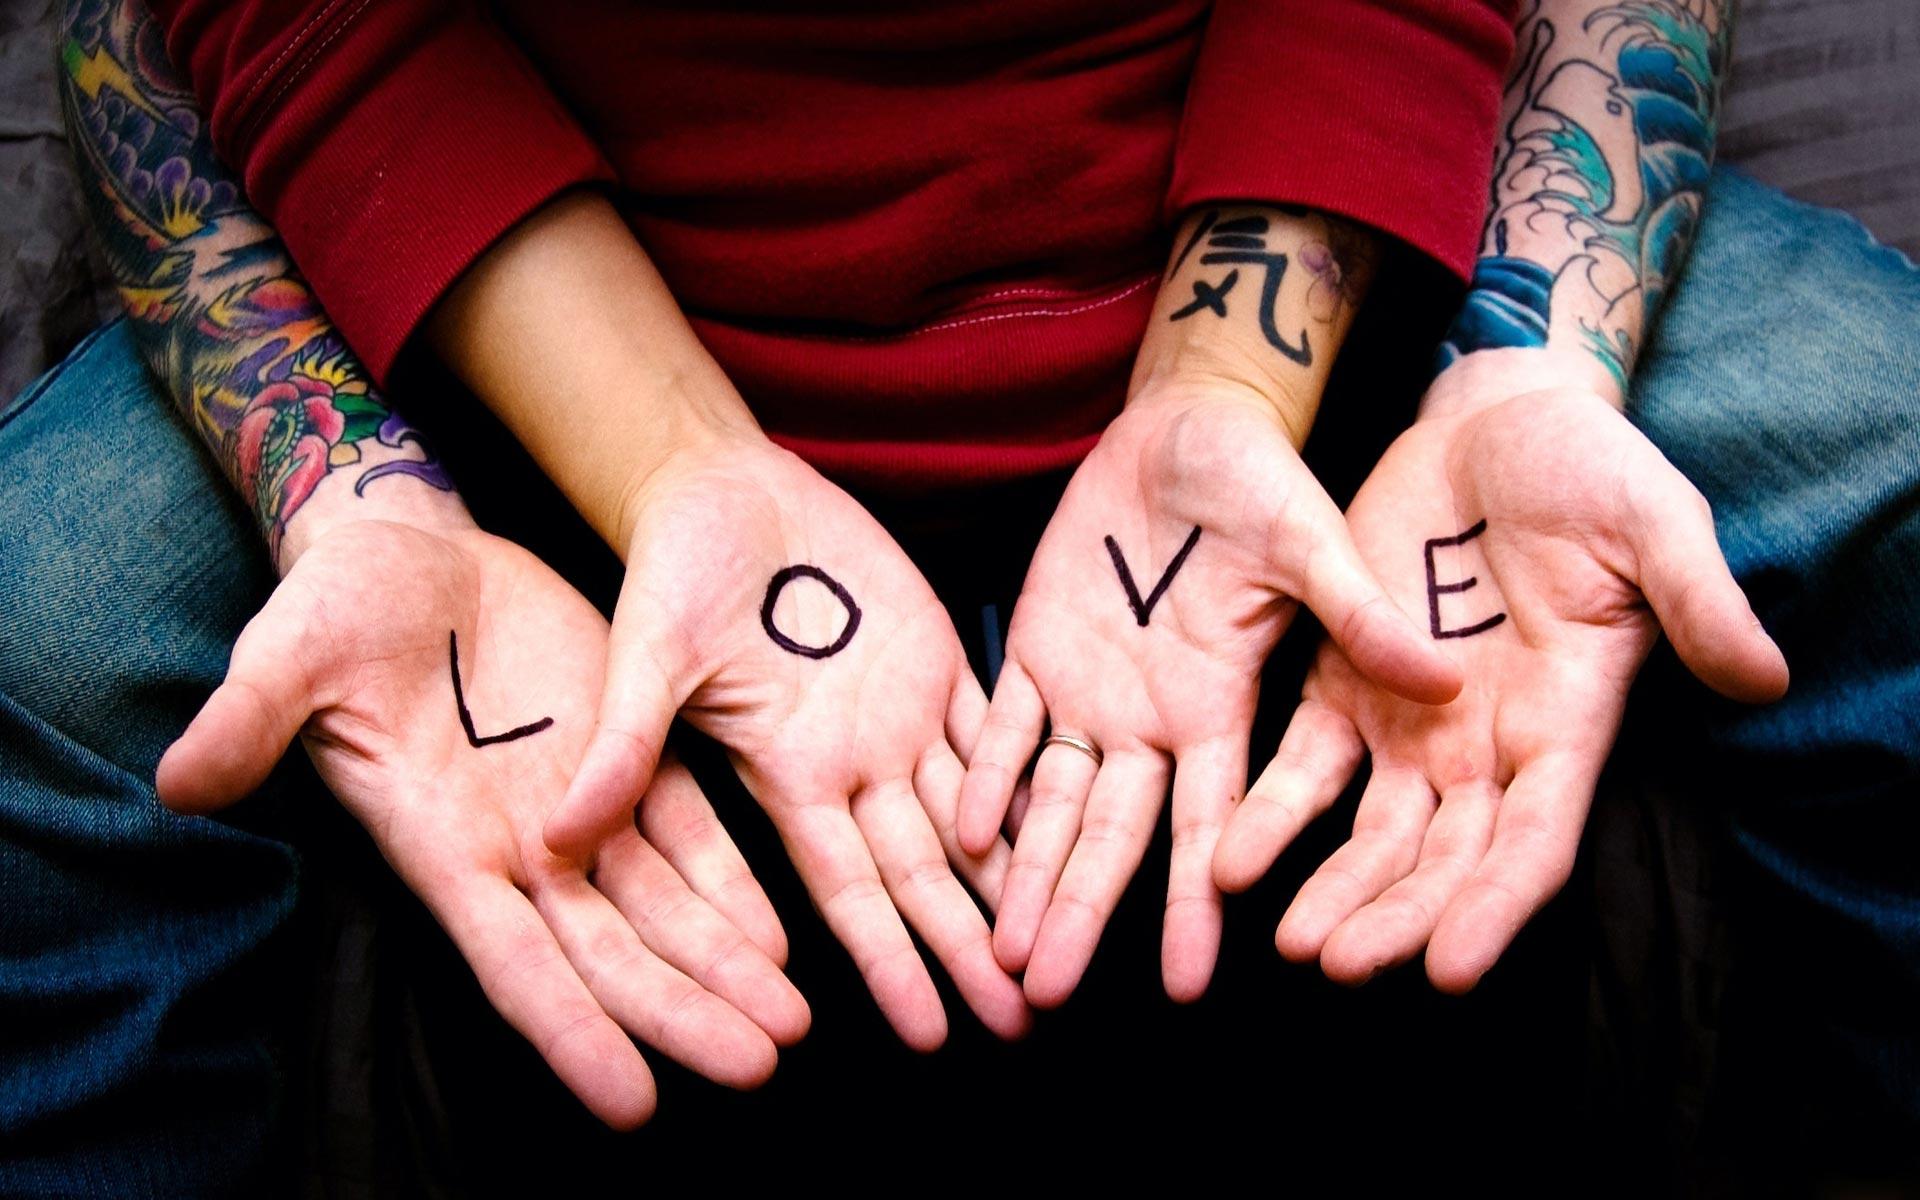 صور حب ورومانسية وعشق صور للمخطوبين والمتزوجين والمرتبطين بالحب (48)